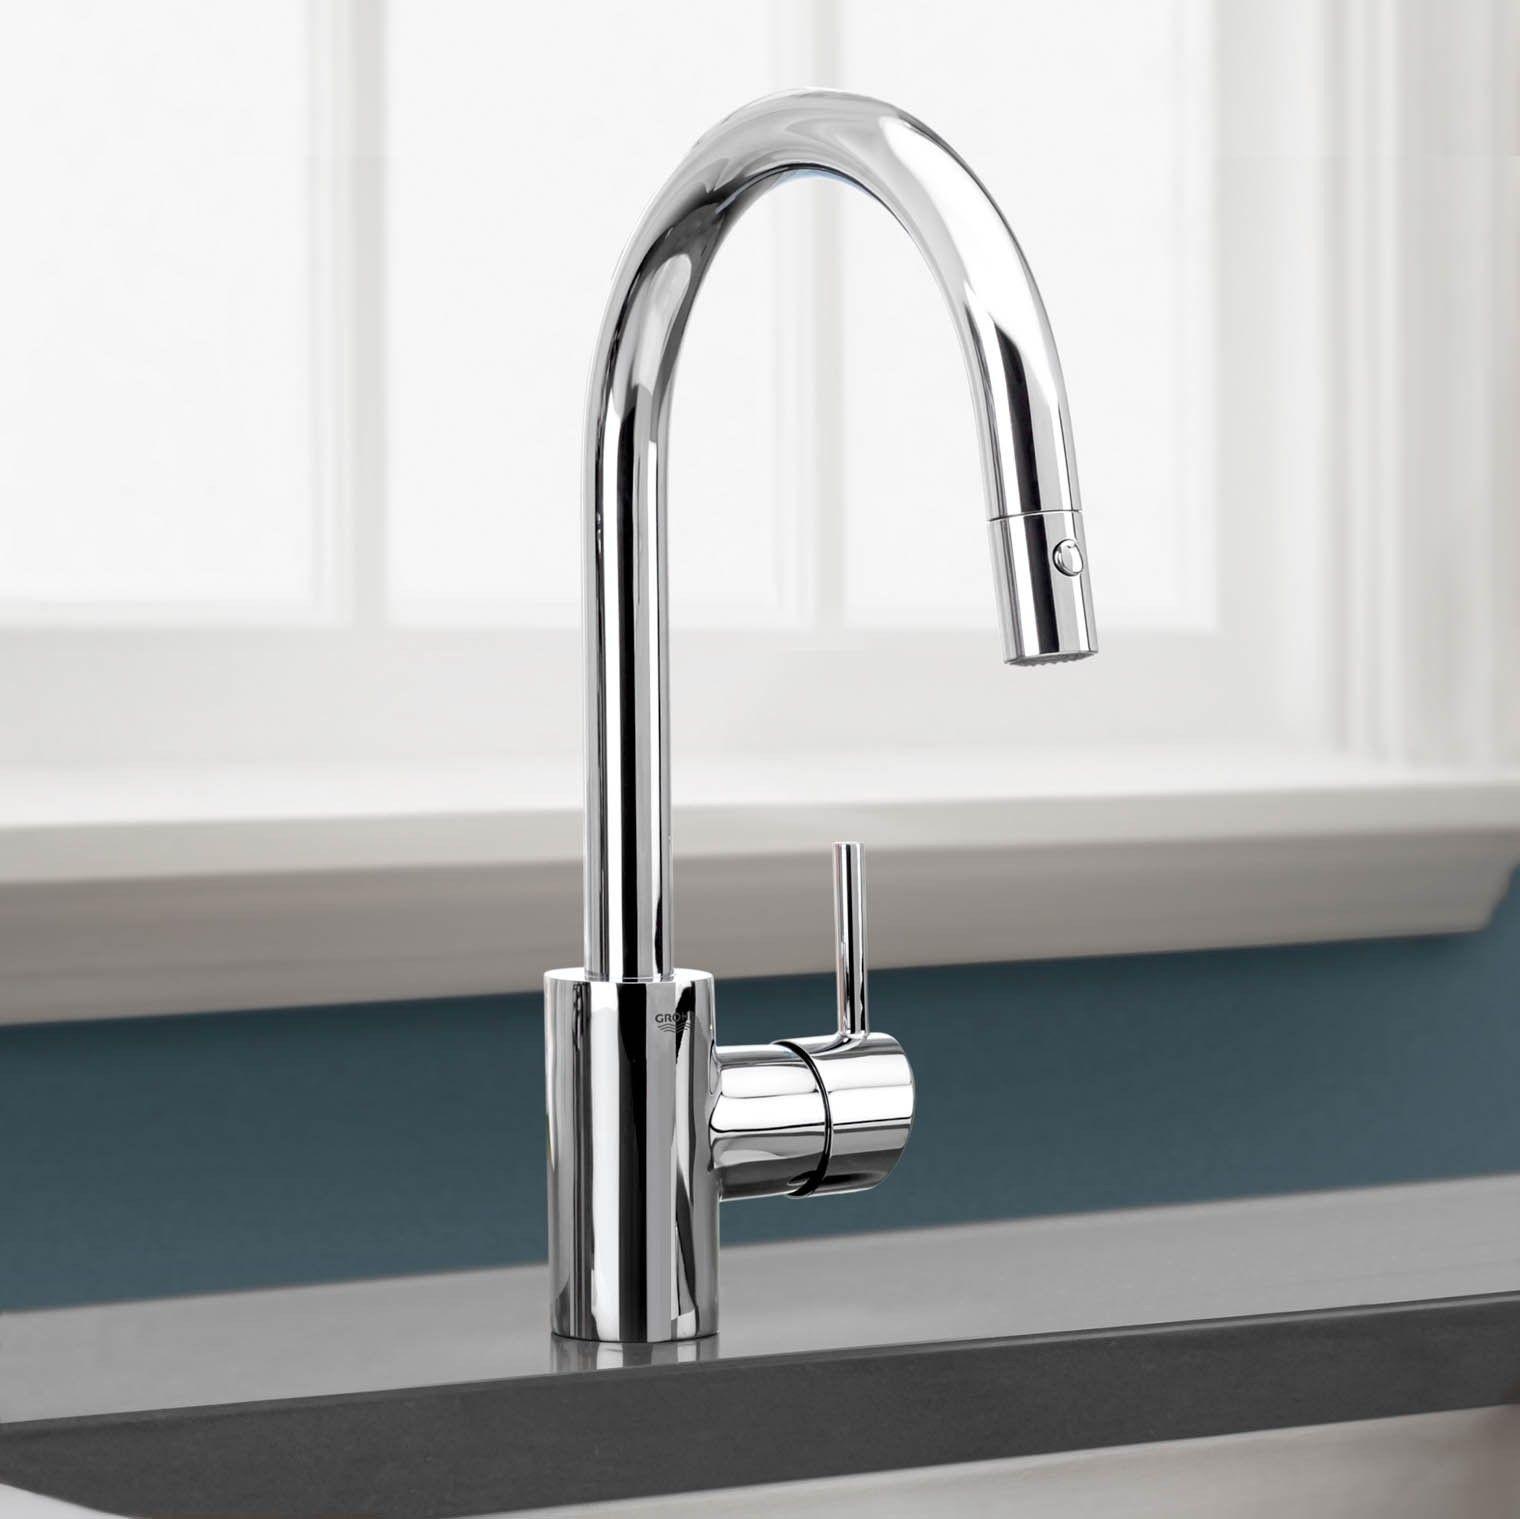 Best Furniture Ideas Ever Kitchen Faucet Design Stainless Kitchen Faucet Stainless Steel Kitchen Faucet